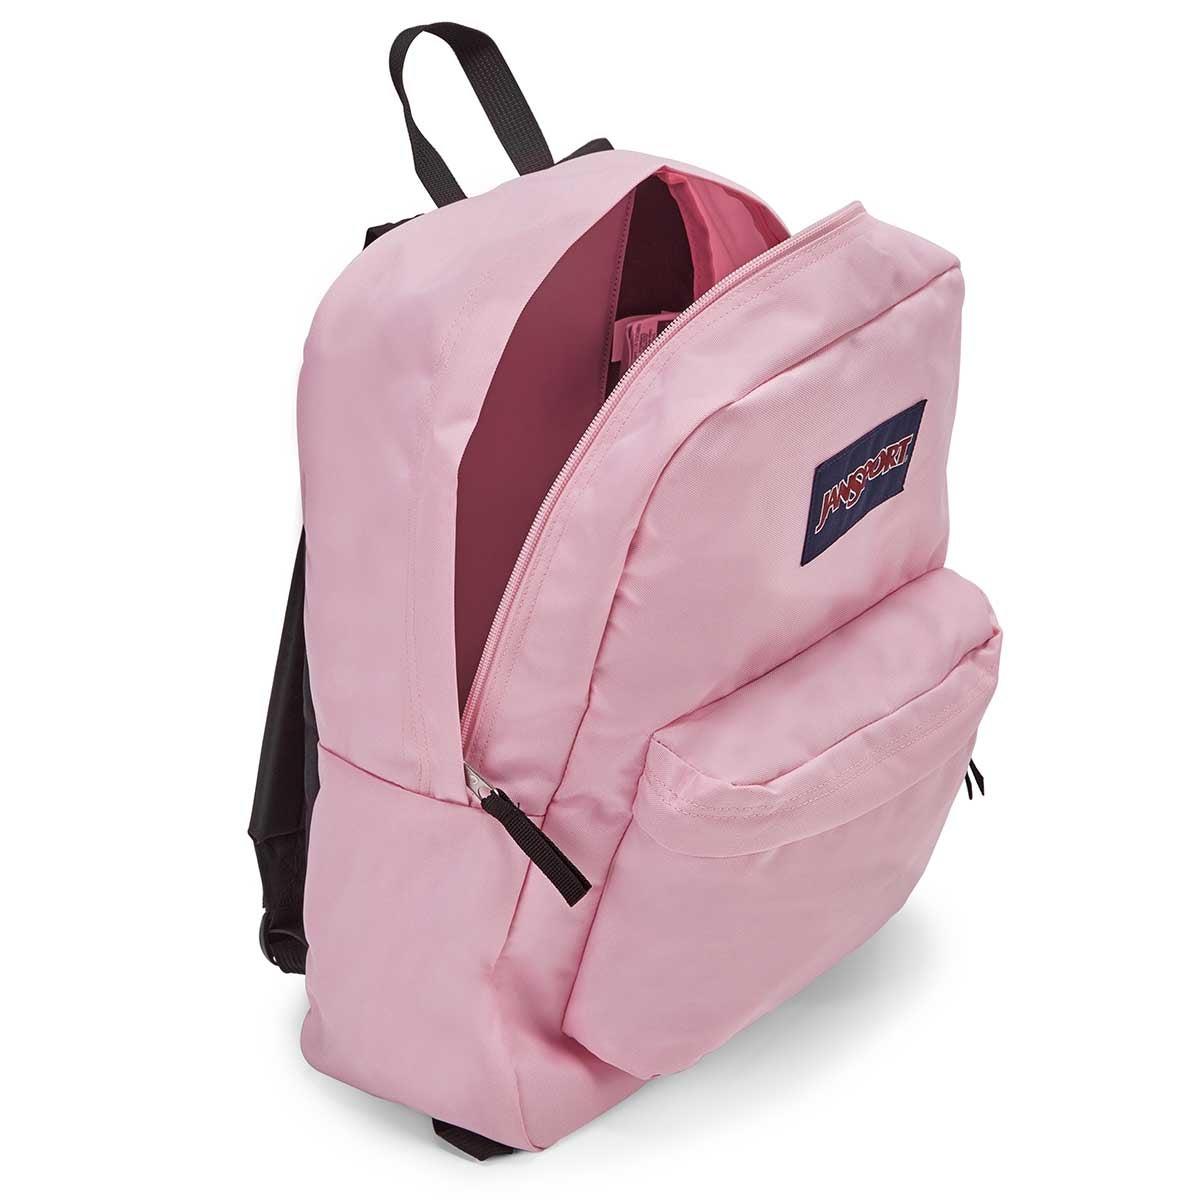 Jansport Superbreak pnk mist backpack